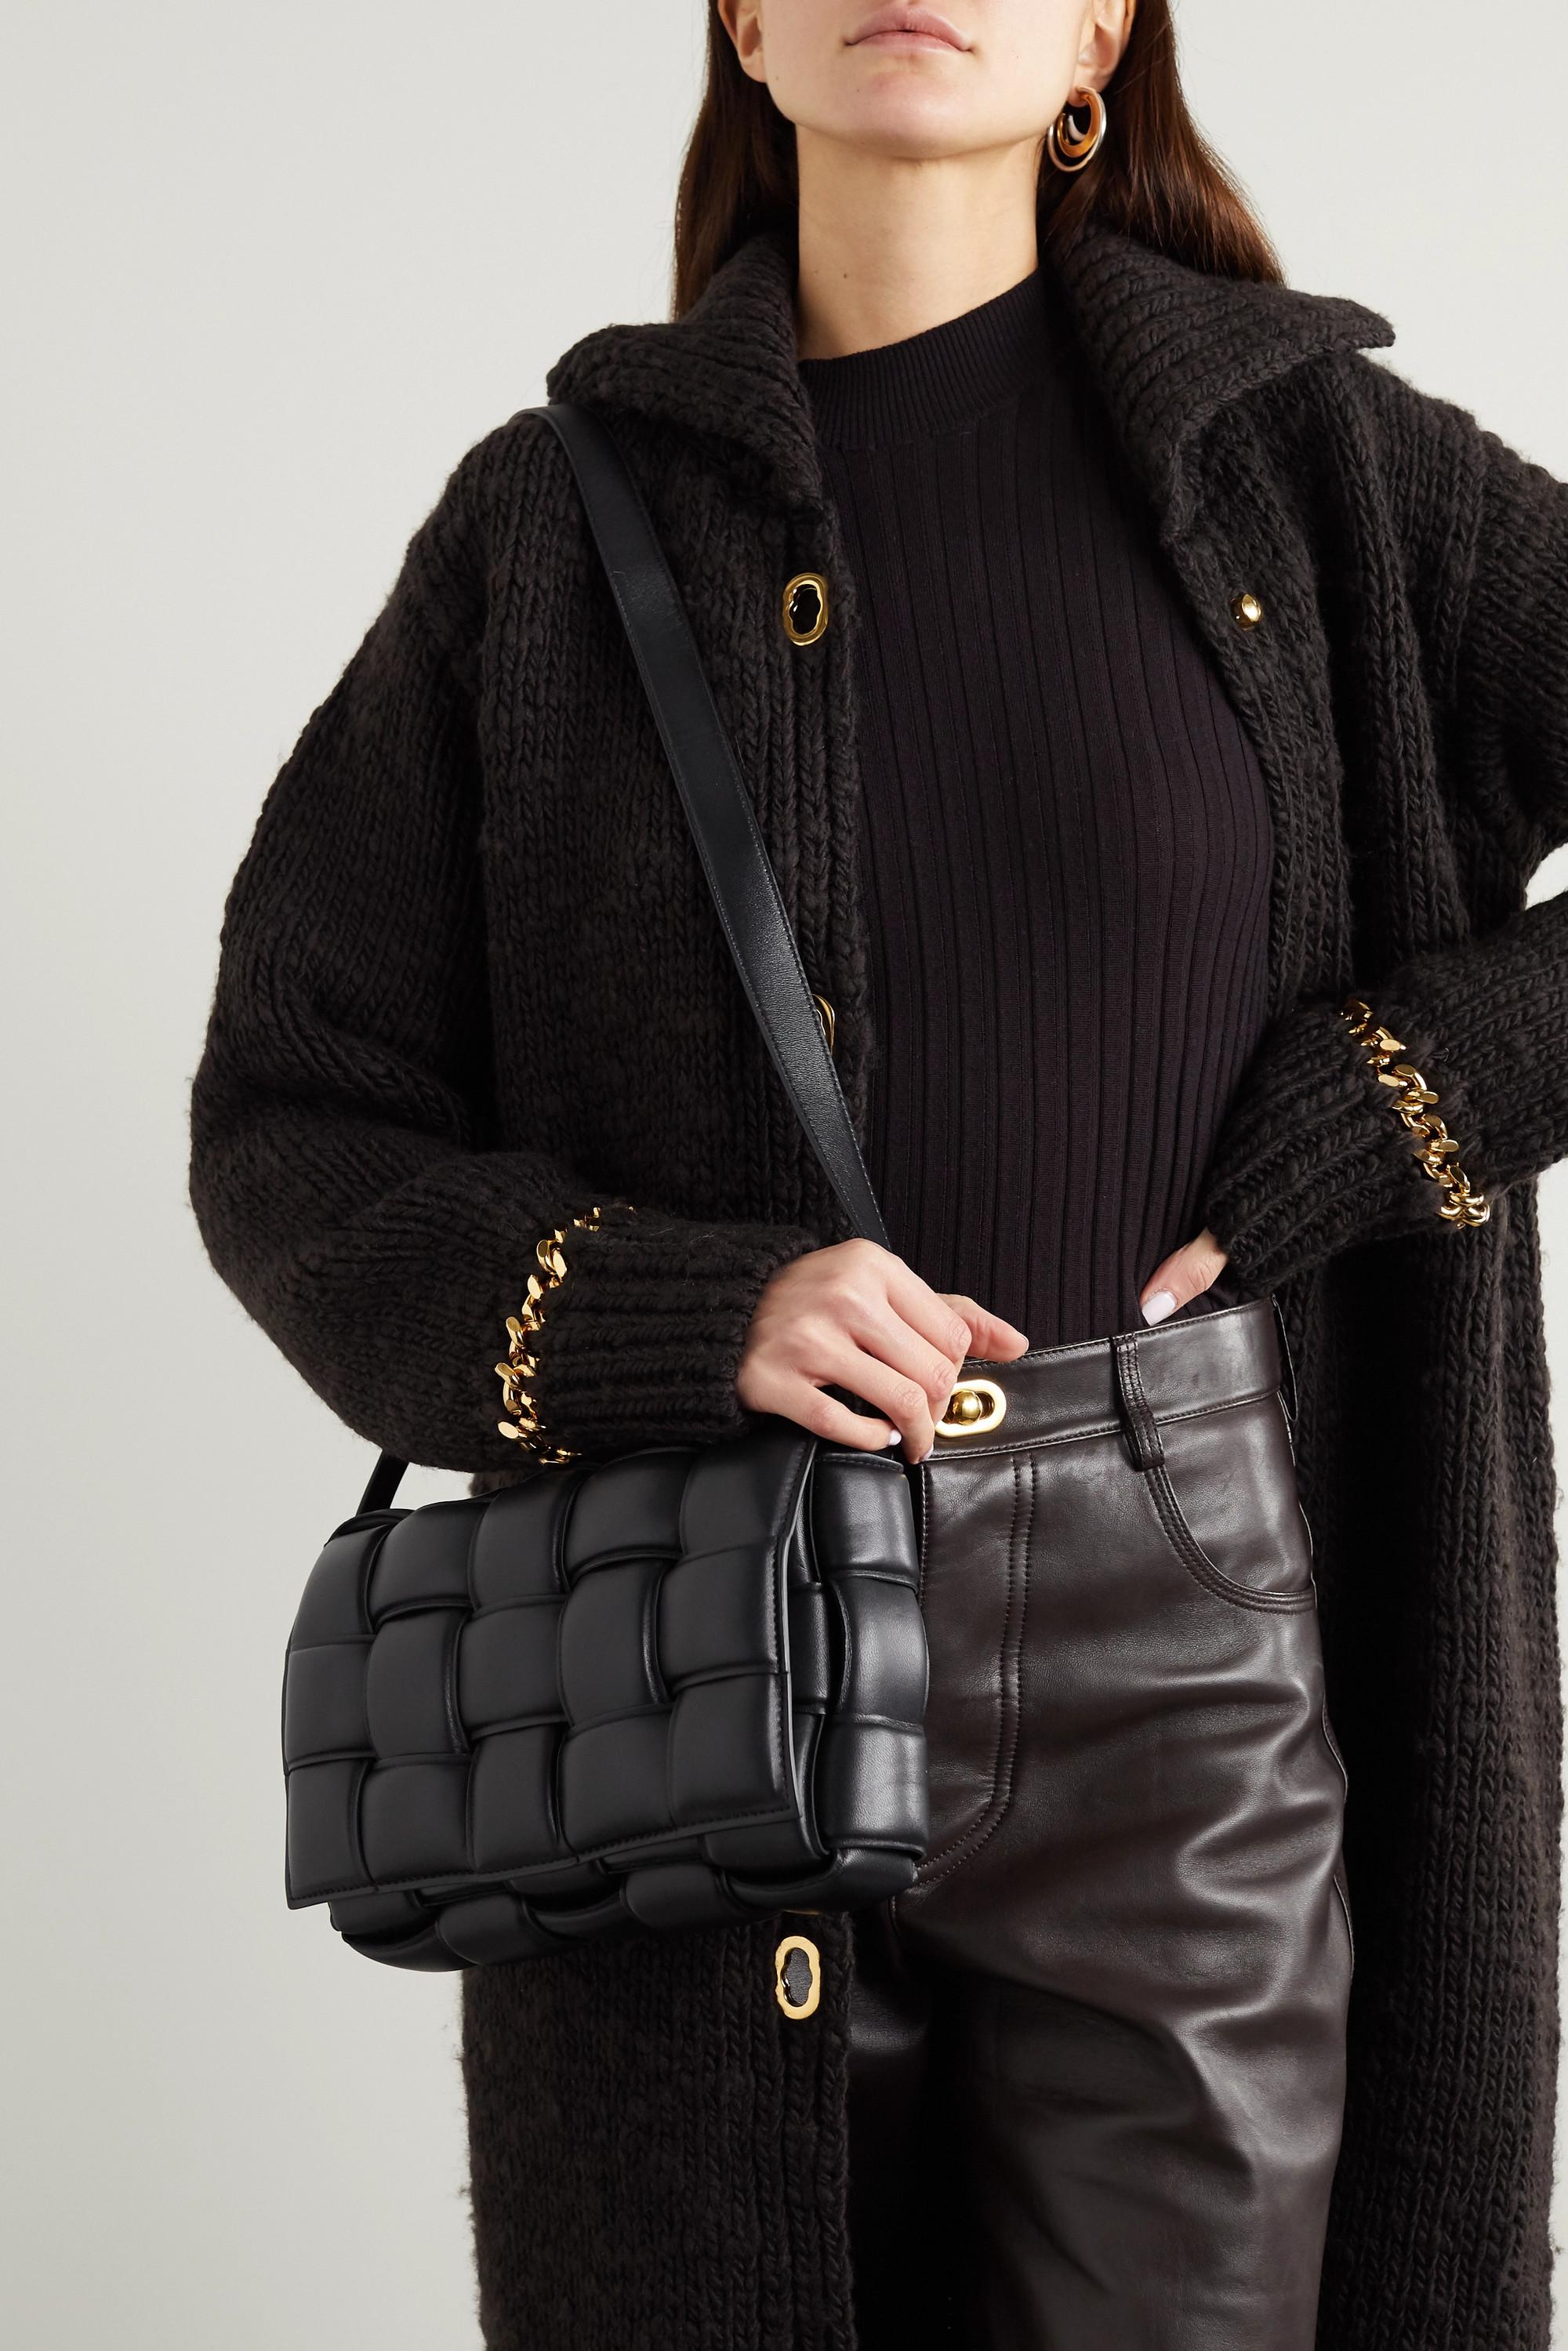 Bottega Veneta Cassette 带填充物 Intrecciato 亮面皮革单肩包